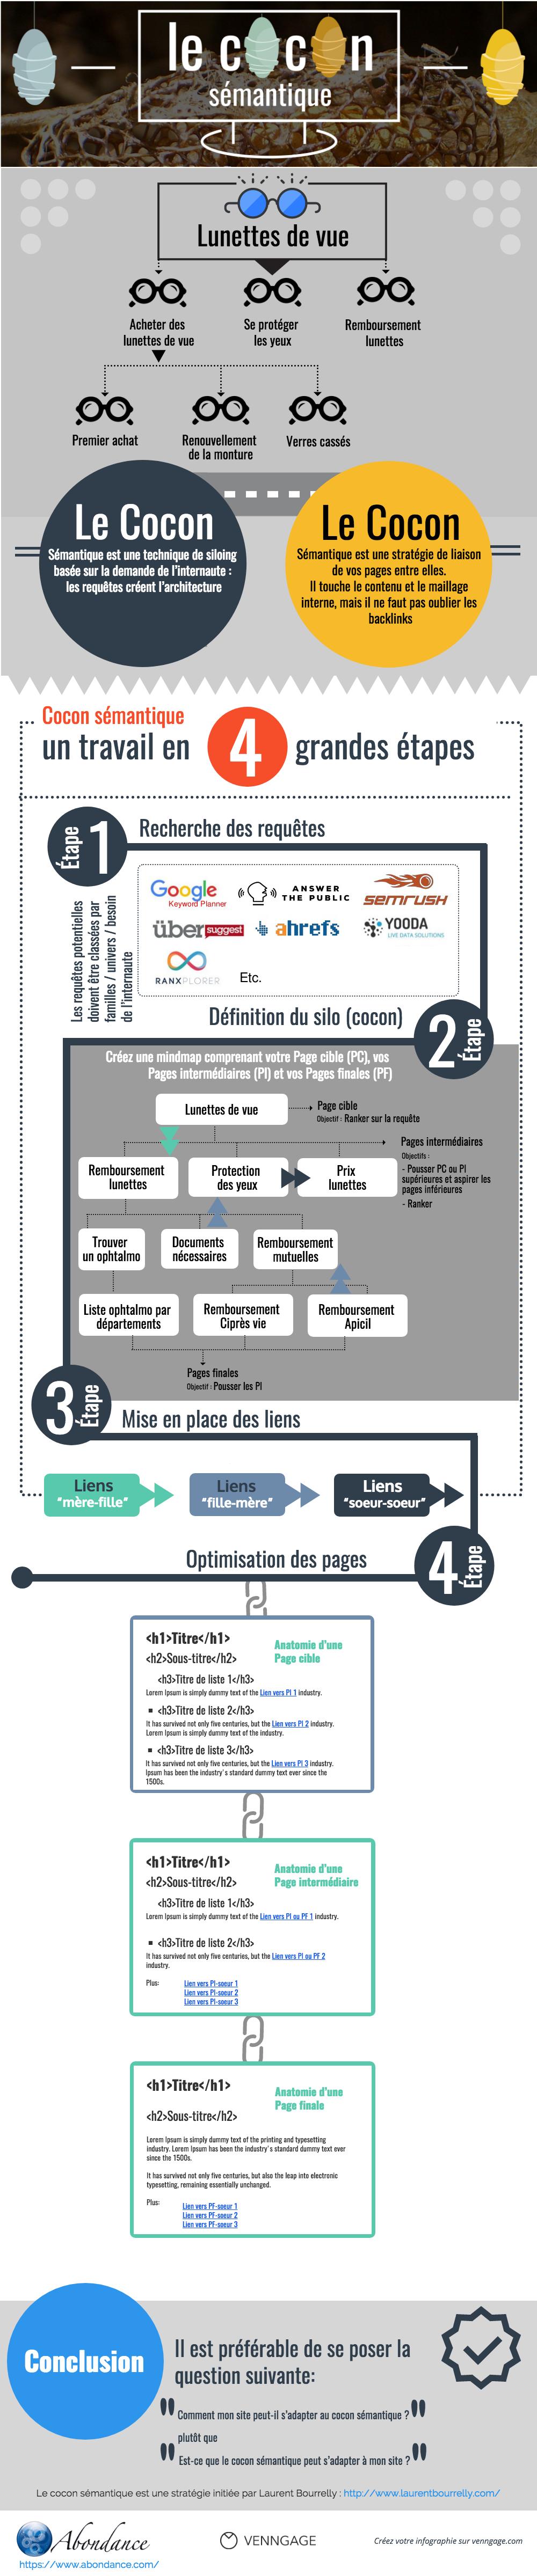 infographie-abondance-cocon-semantique